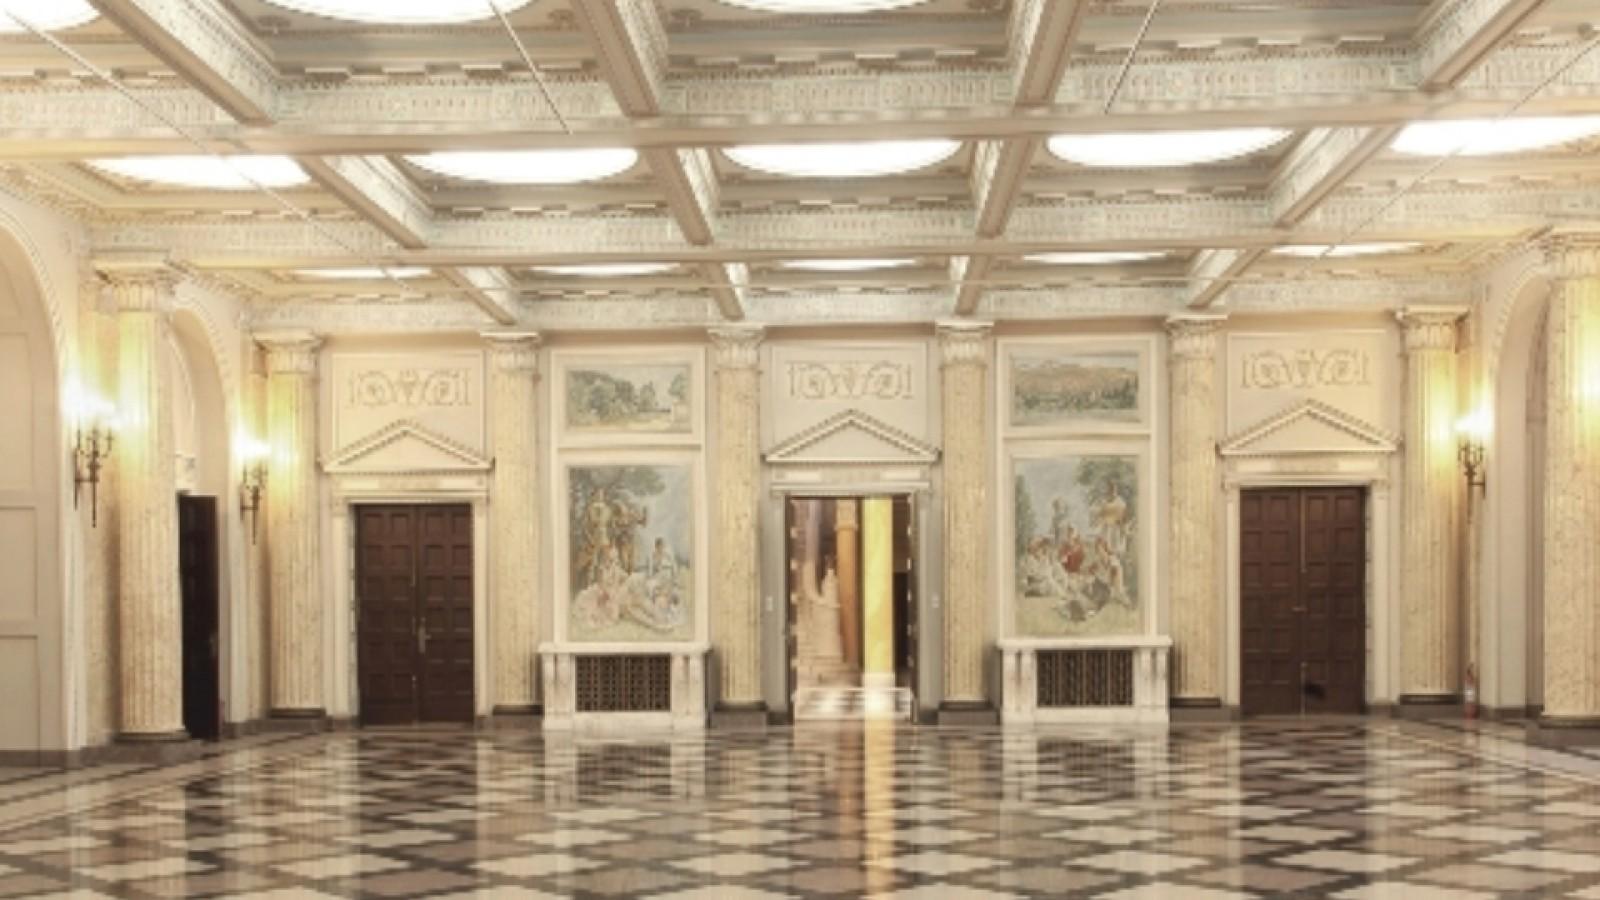 Spațiile Istorice - Sala Tronului, Sufrageria Regală și Scara Voievozilor